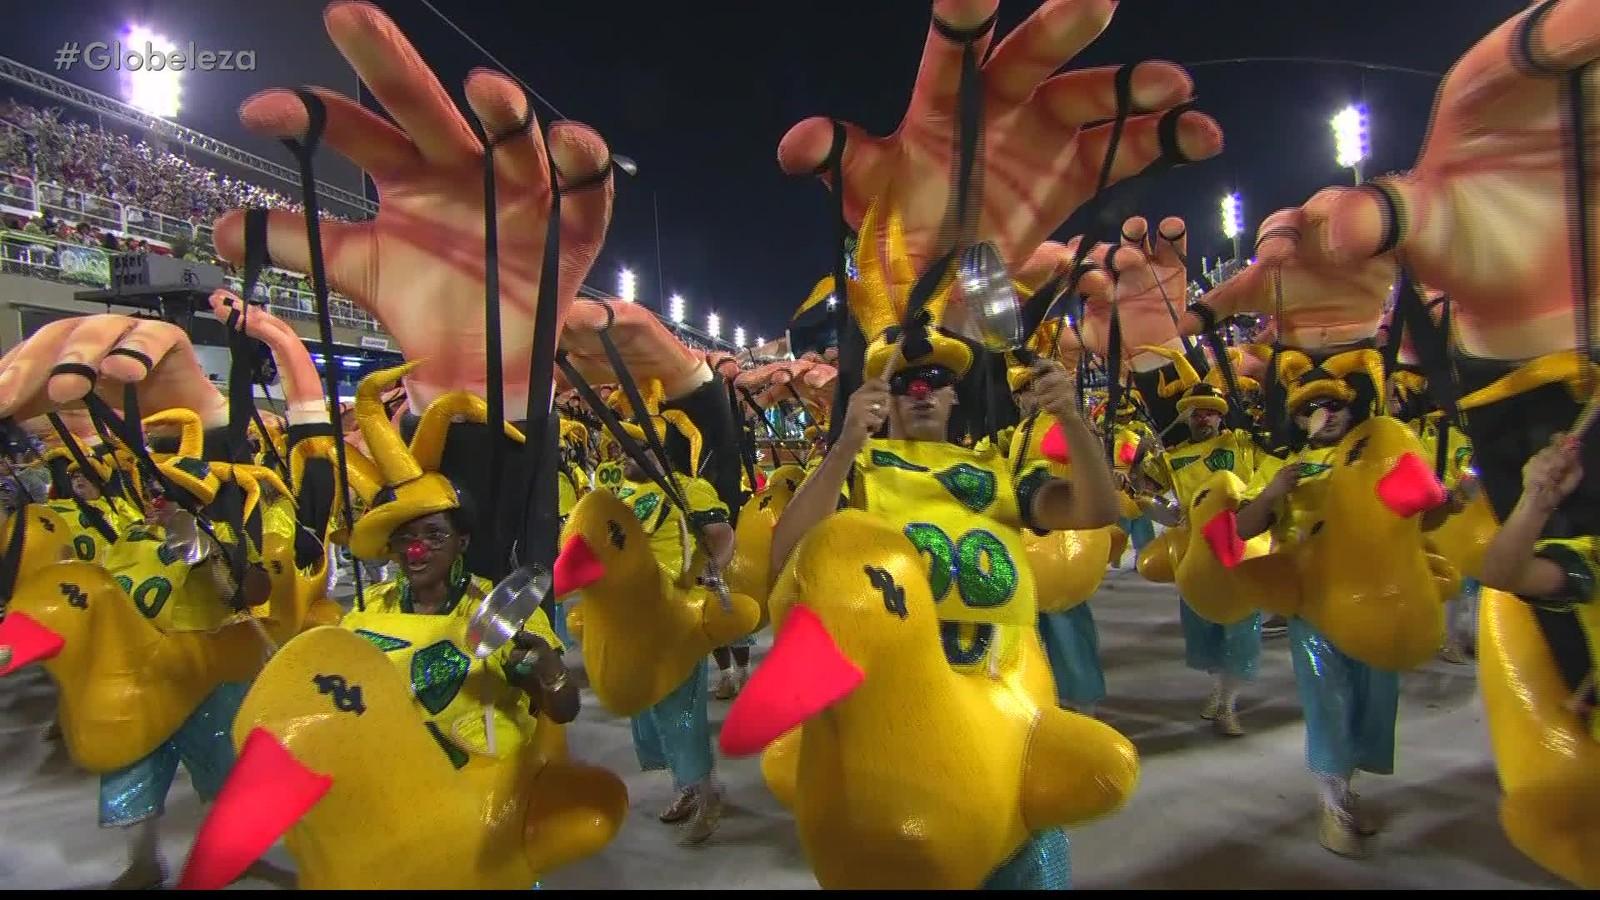 Panaleiros manipulados pela Globo